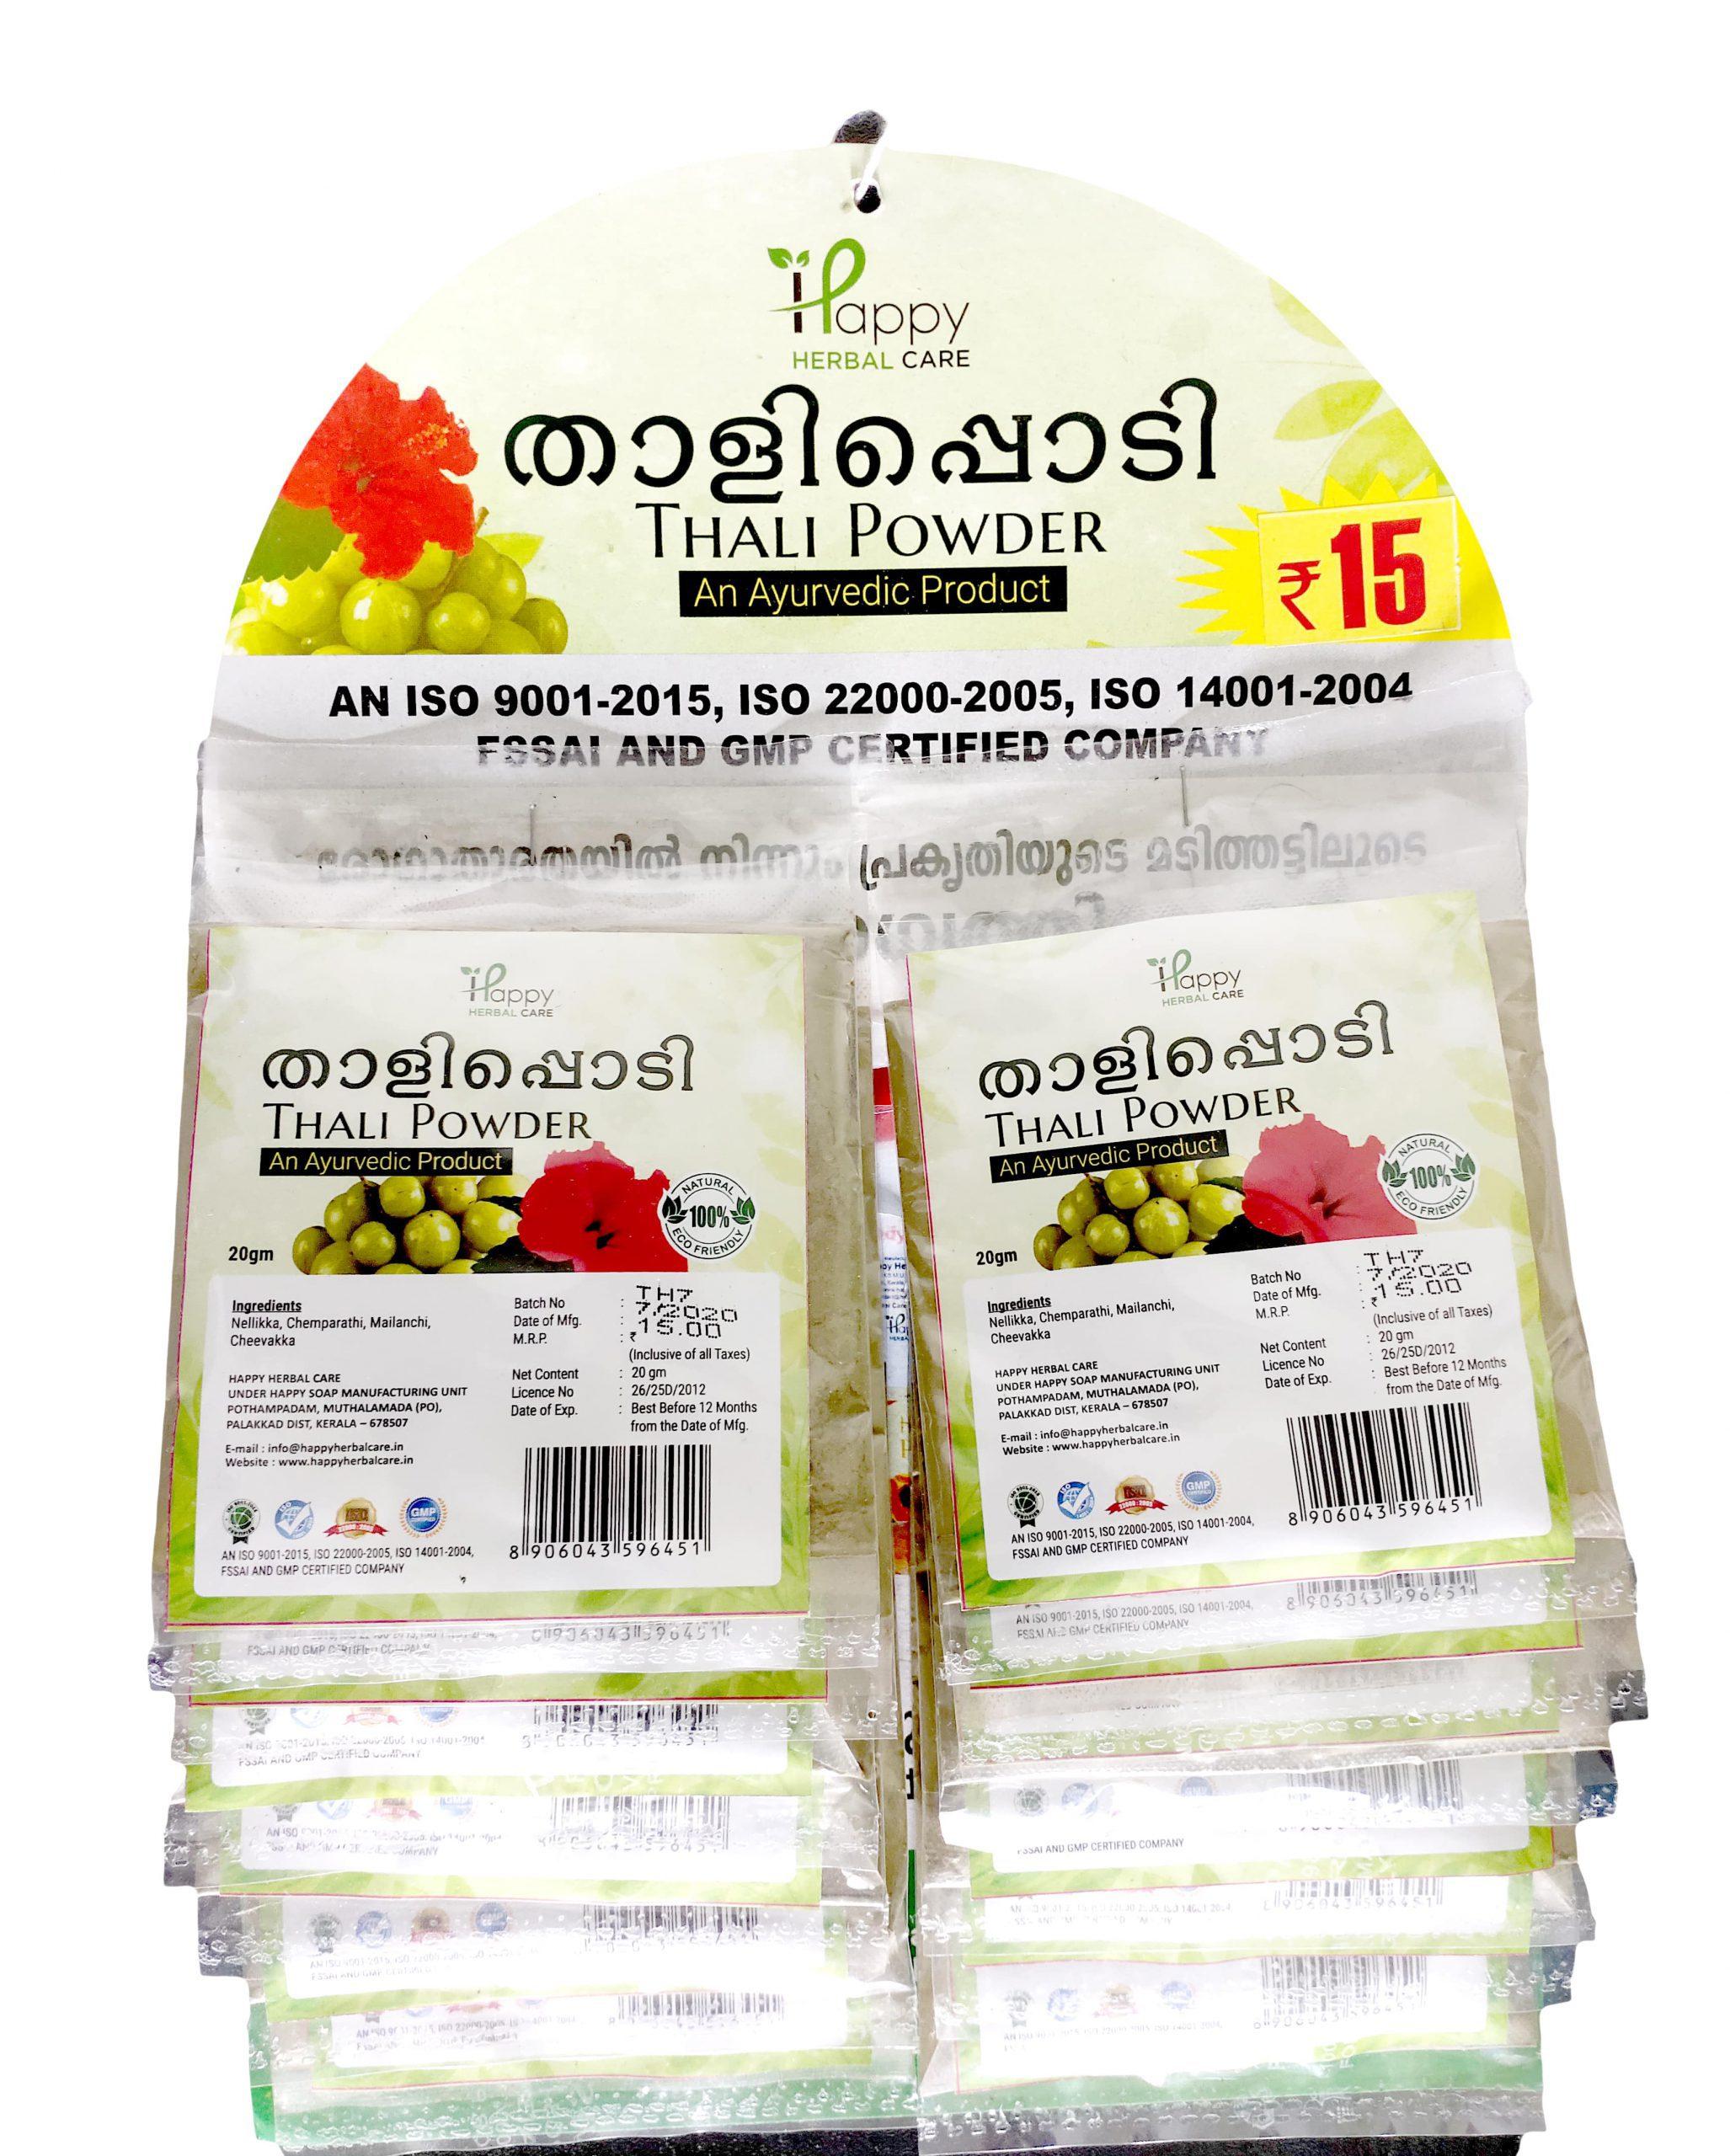 Thali Powder Board